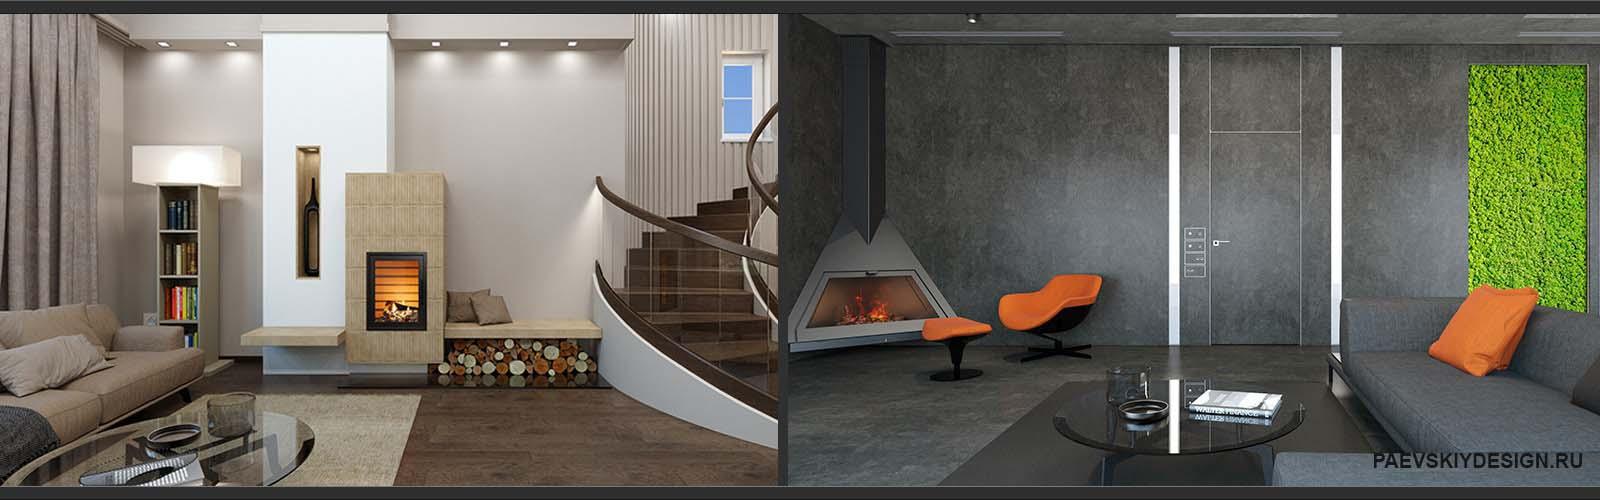 Дизайн проект частного дома под ключ заказать в Москве